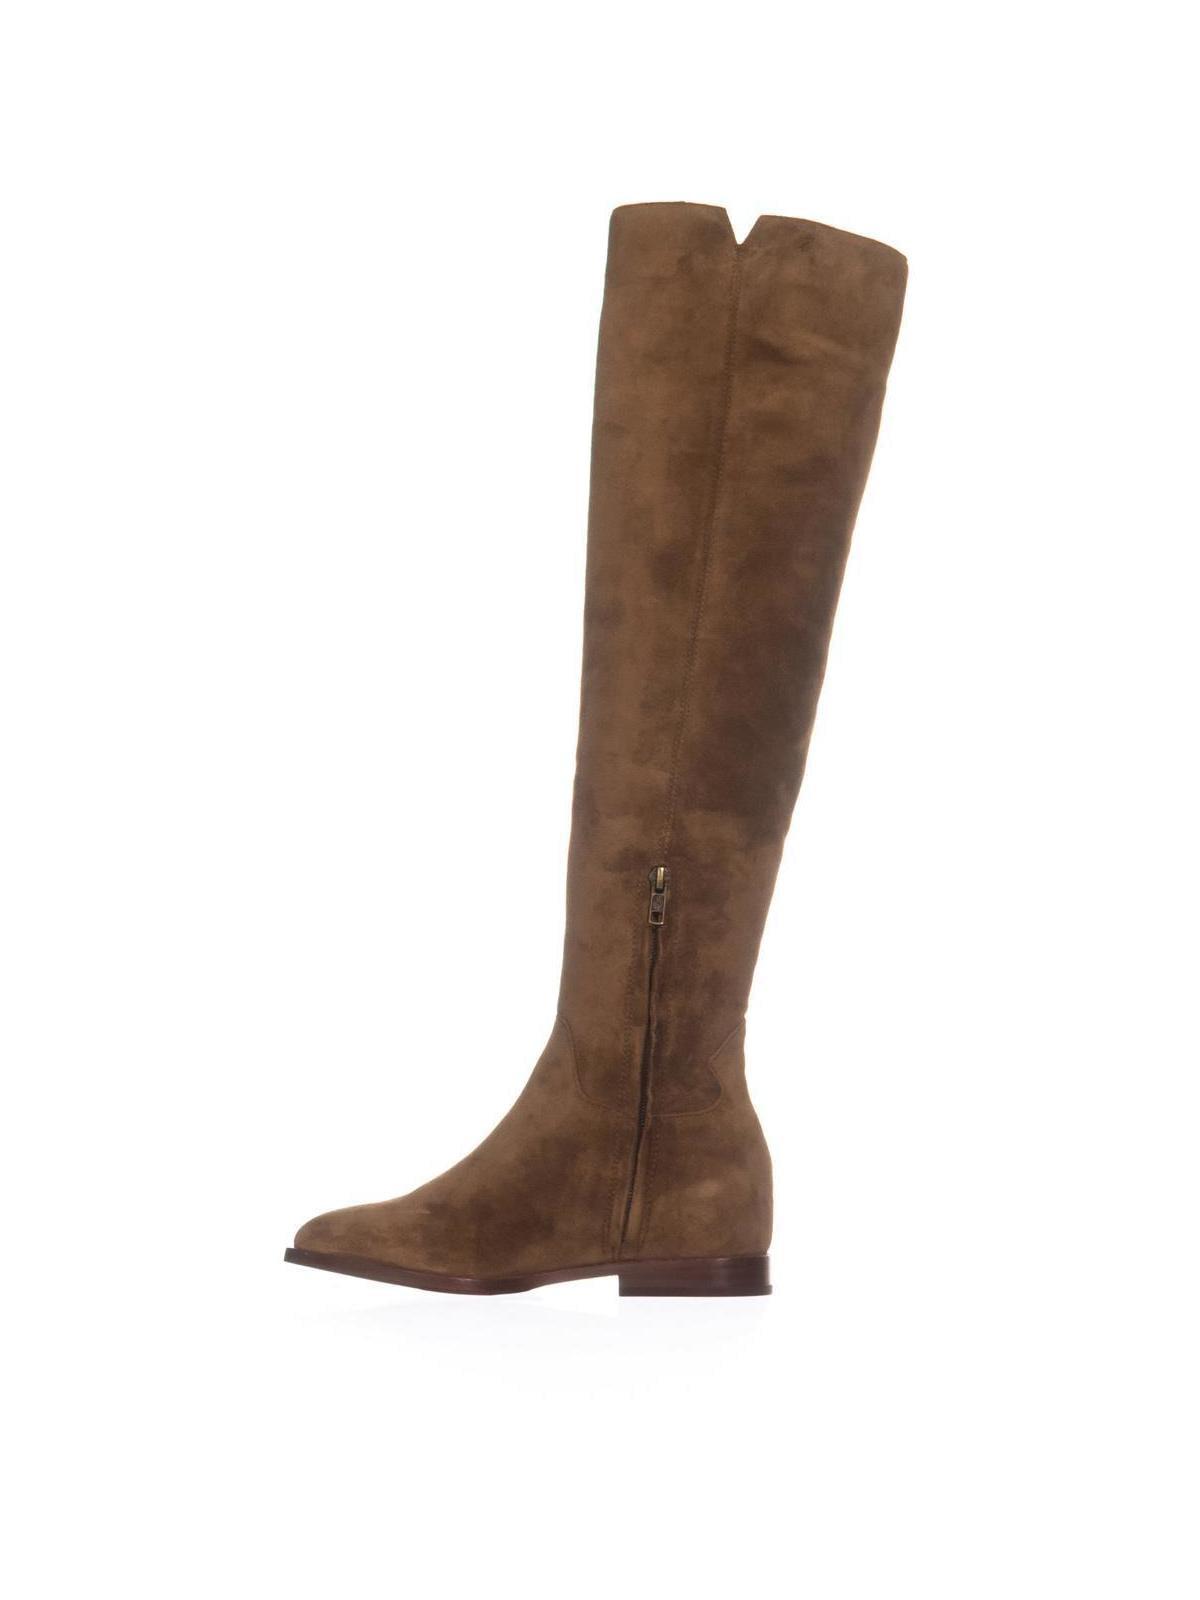 Womens Ash Jess Zip Over-The-Knee Zip Up Boots, Russet, 6 US / 36 EU